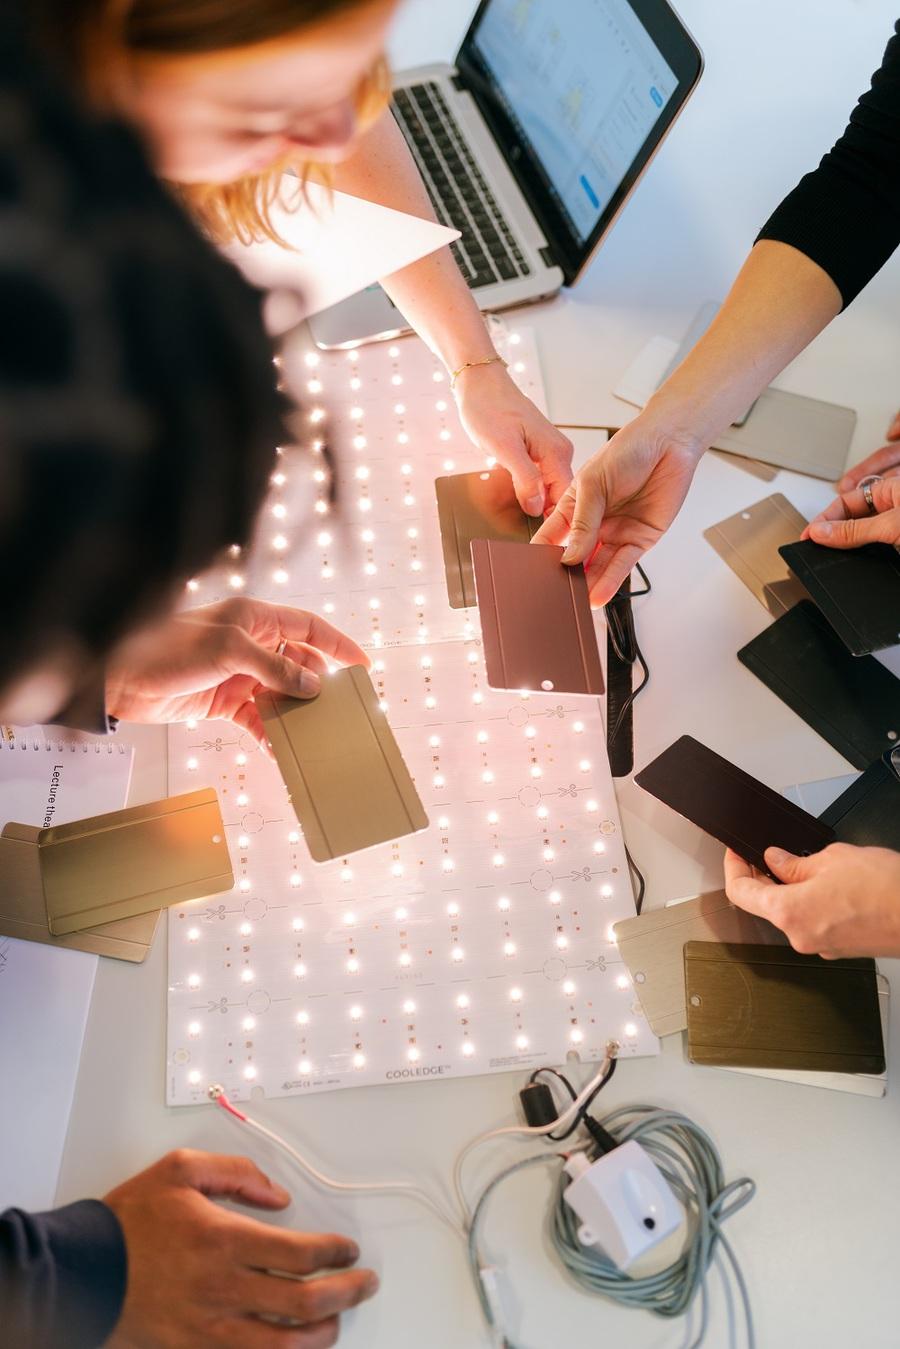 groep mensen die samen producten ontwerpen